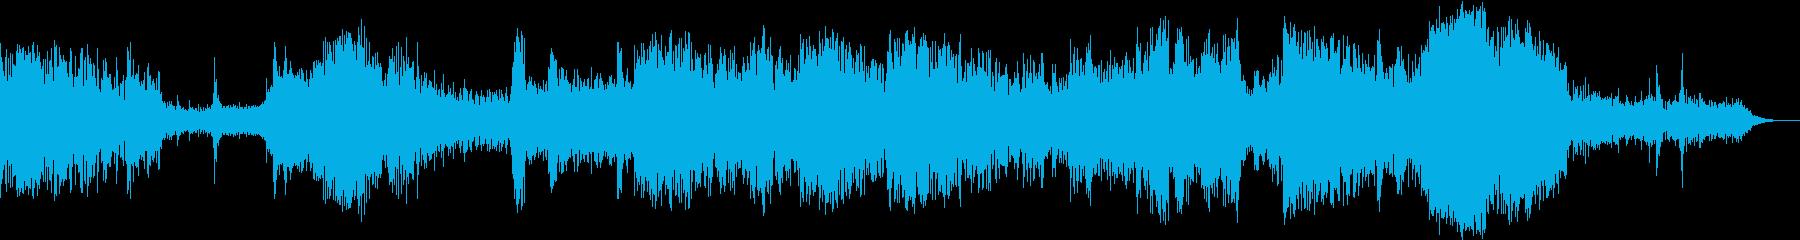 【ホラー】 【映画】 タイトルロゴ_01の再生済みの波形